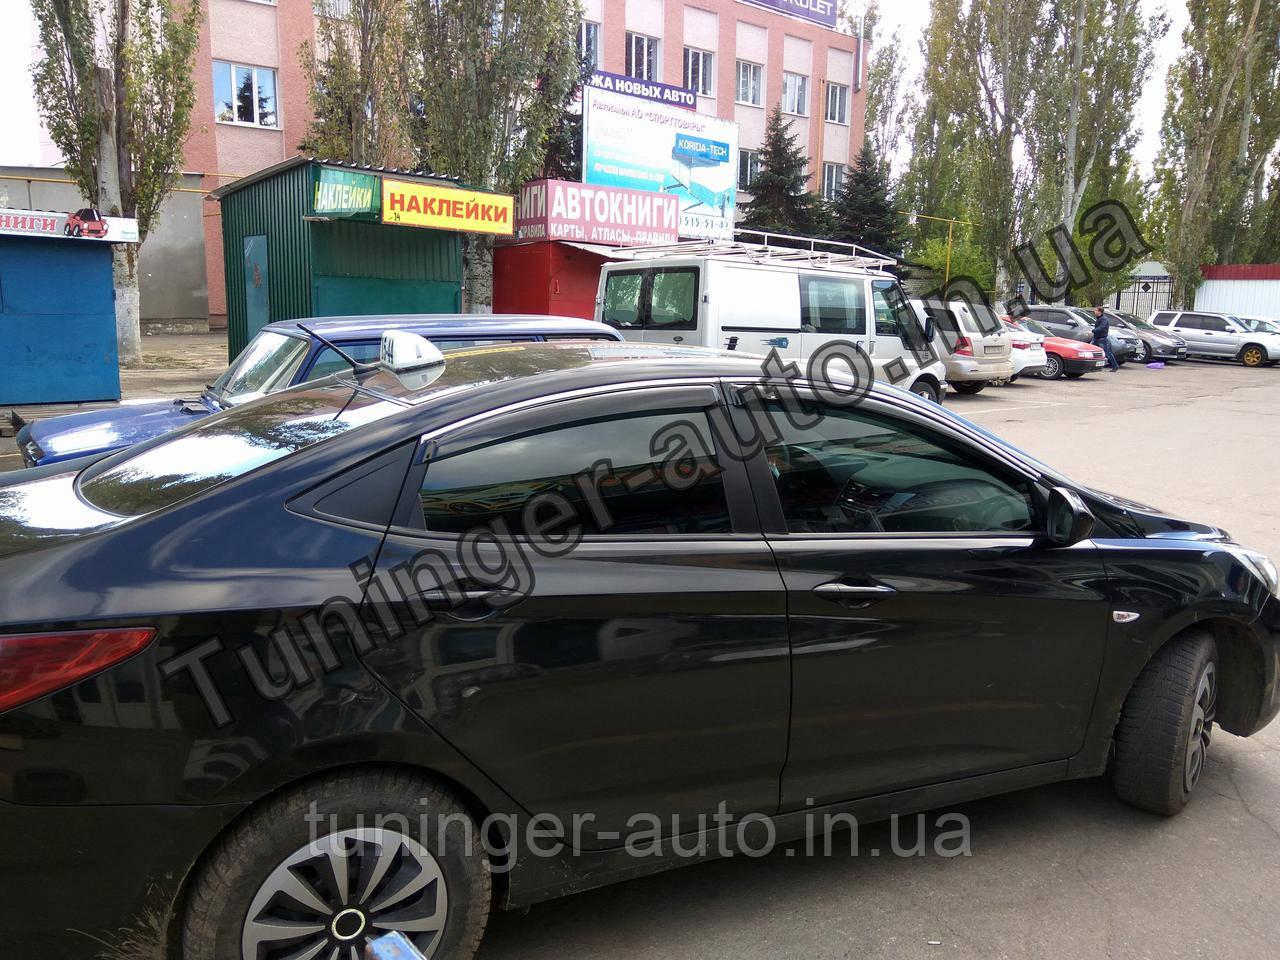 Ветровики с хромом, дефлекторы окон Hyundai Accent 2010-> (Hic)